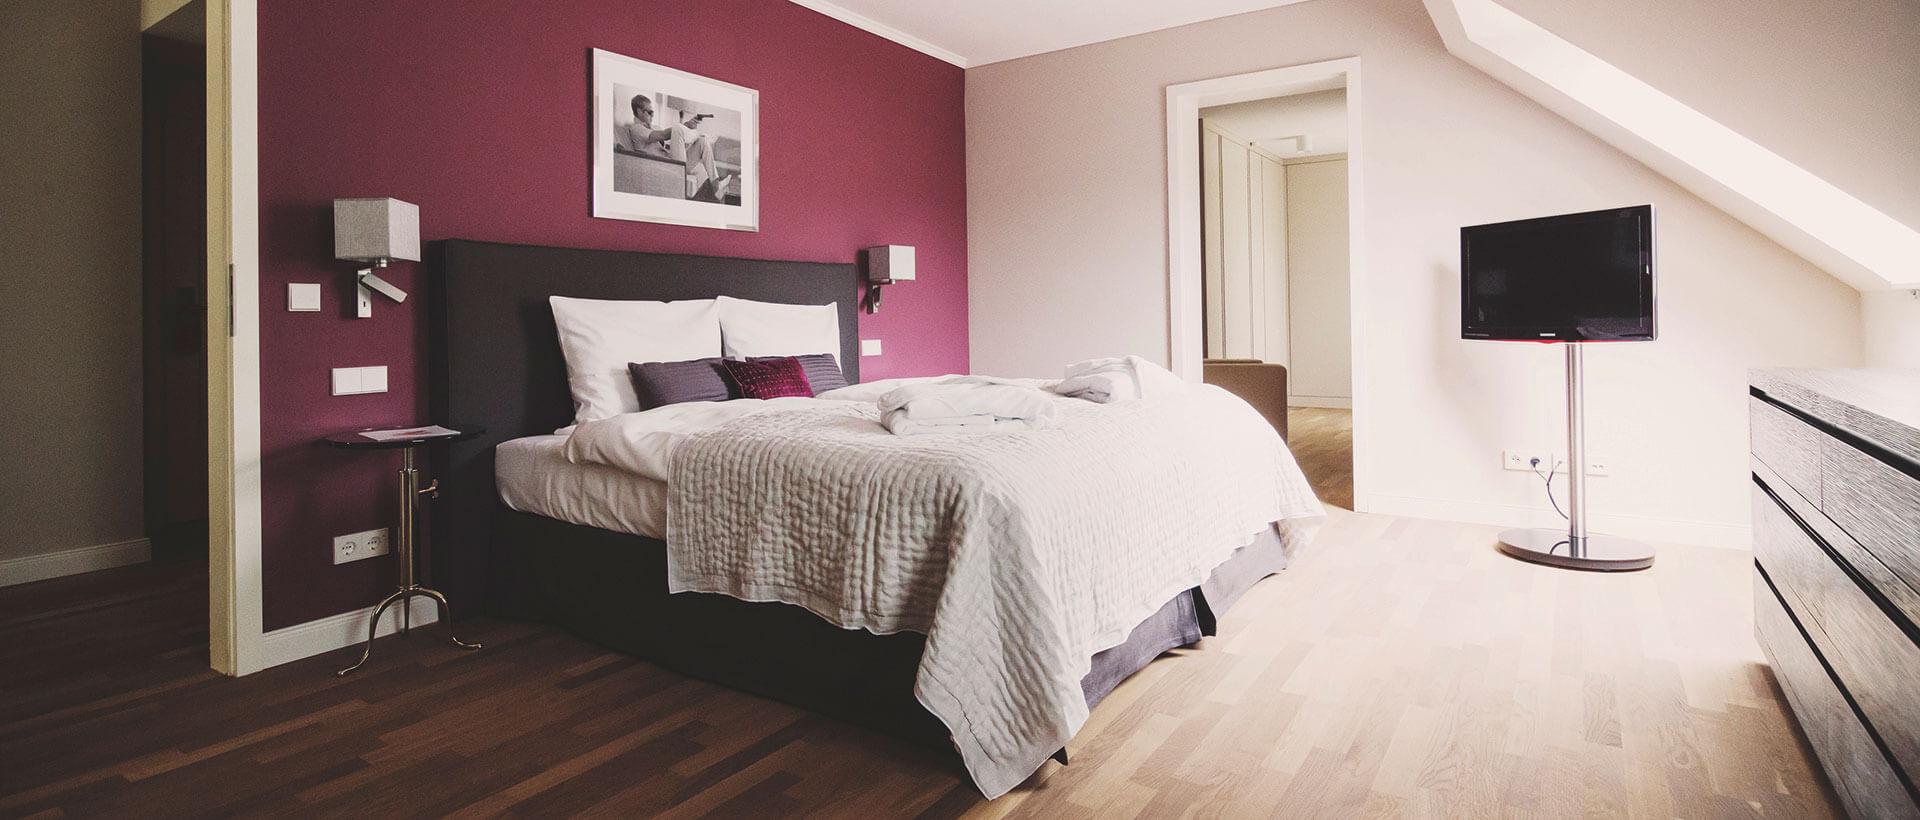 Boarding Room in Haus 4 im Hotel VILA VITA Rosenpark